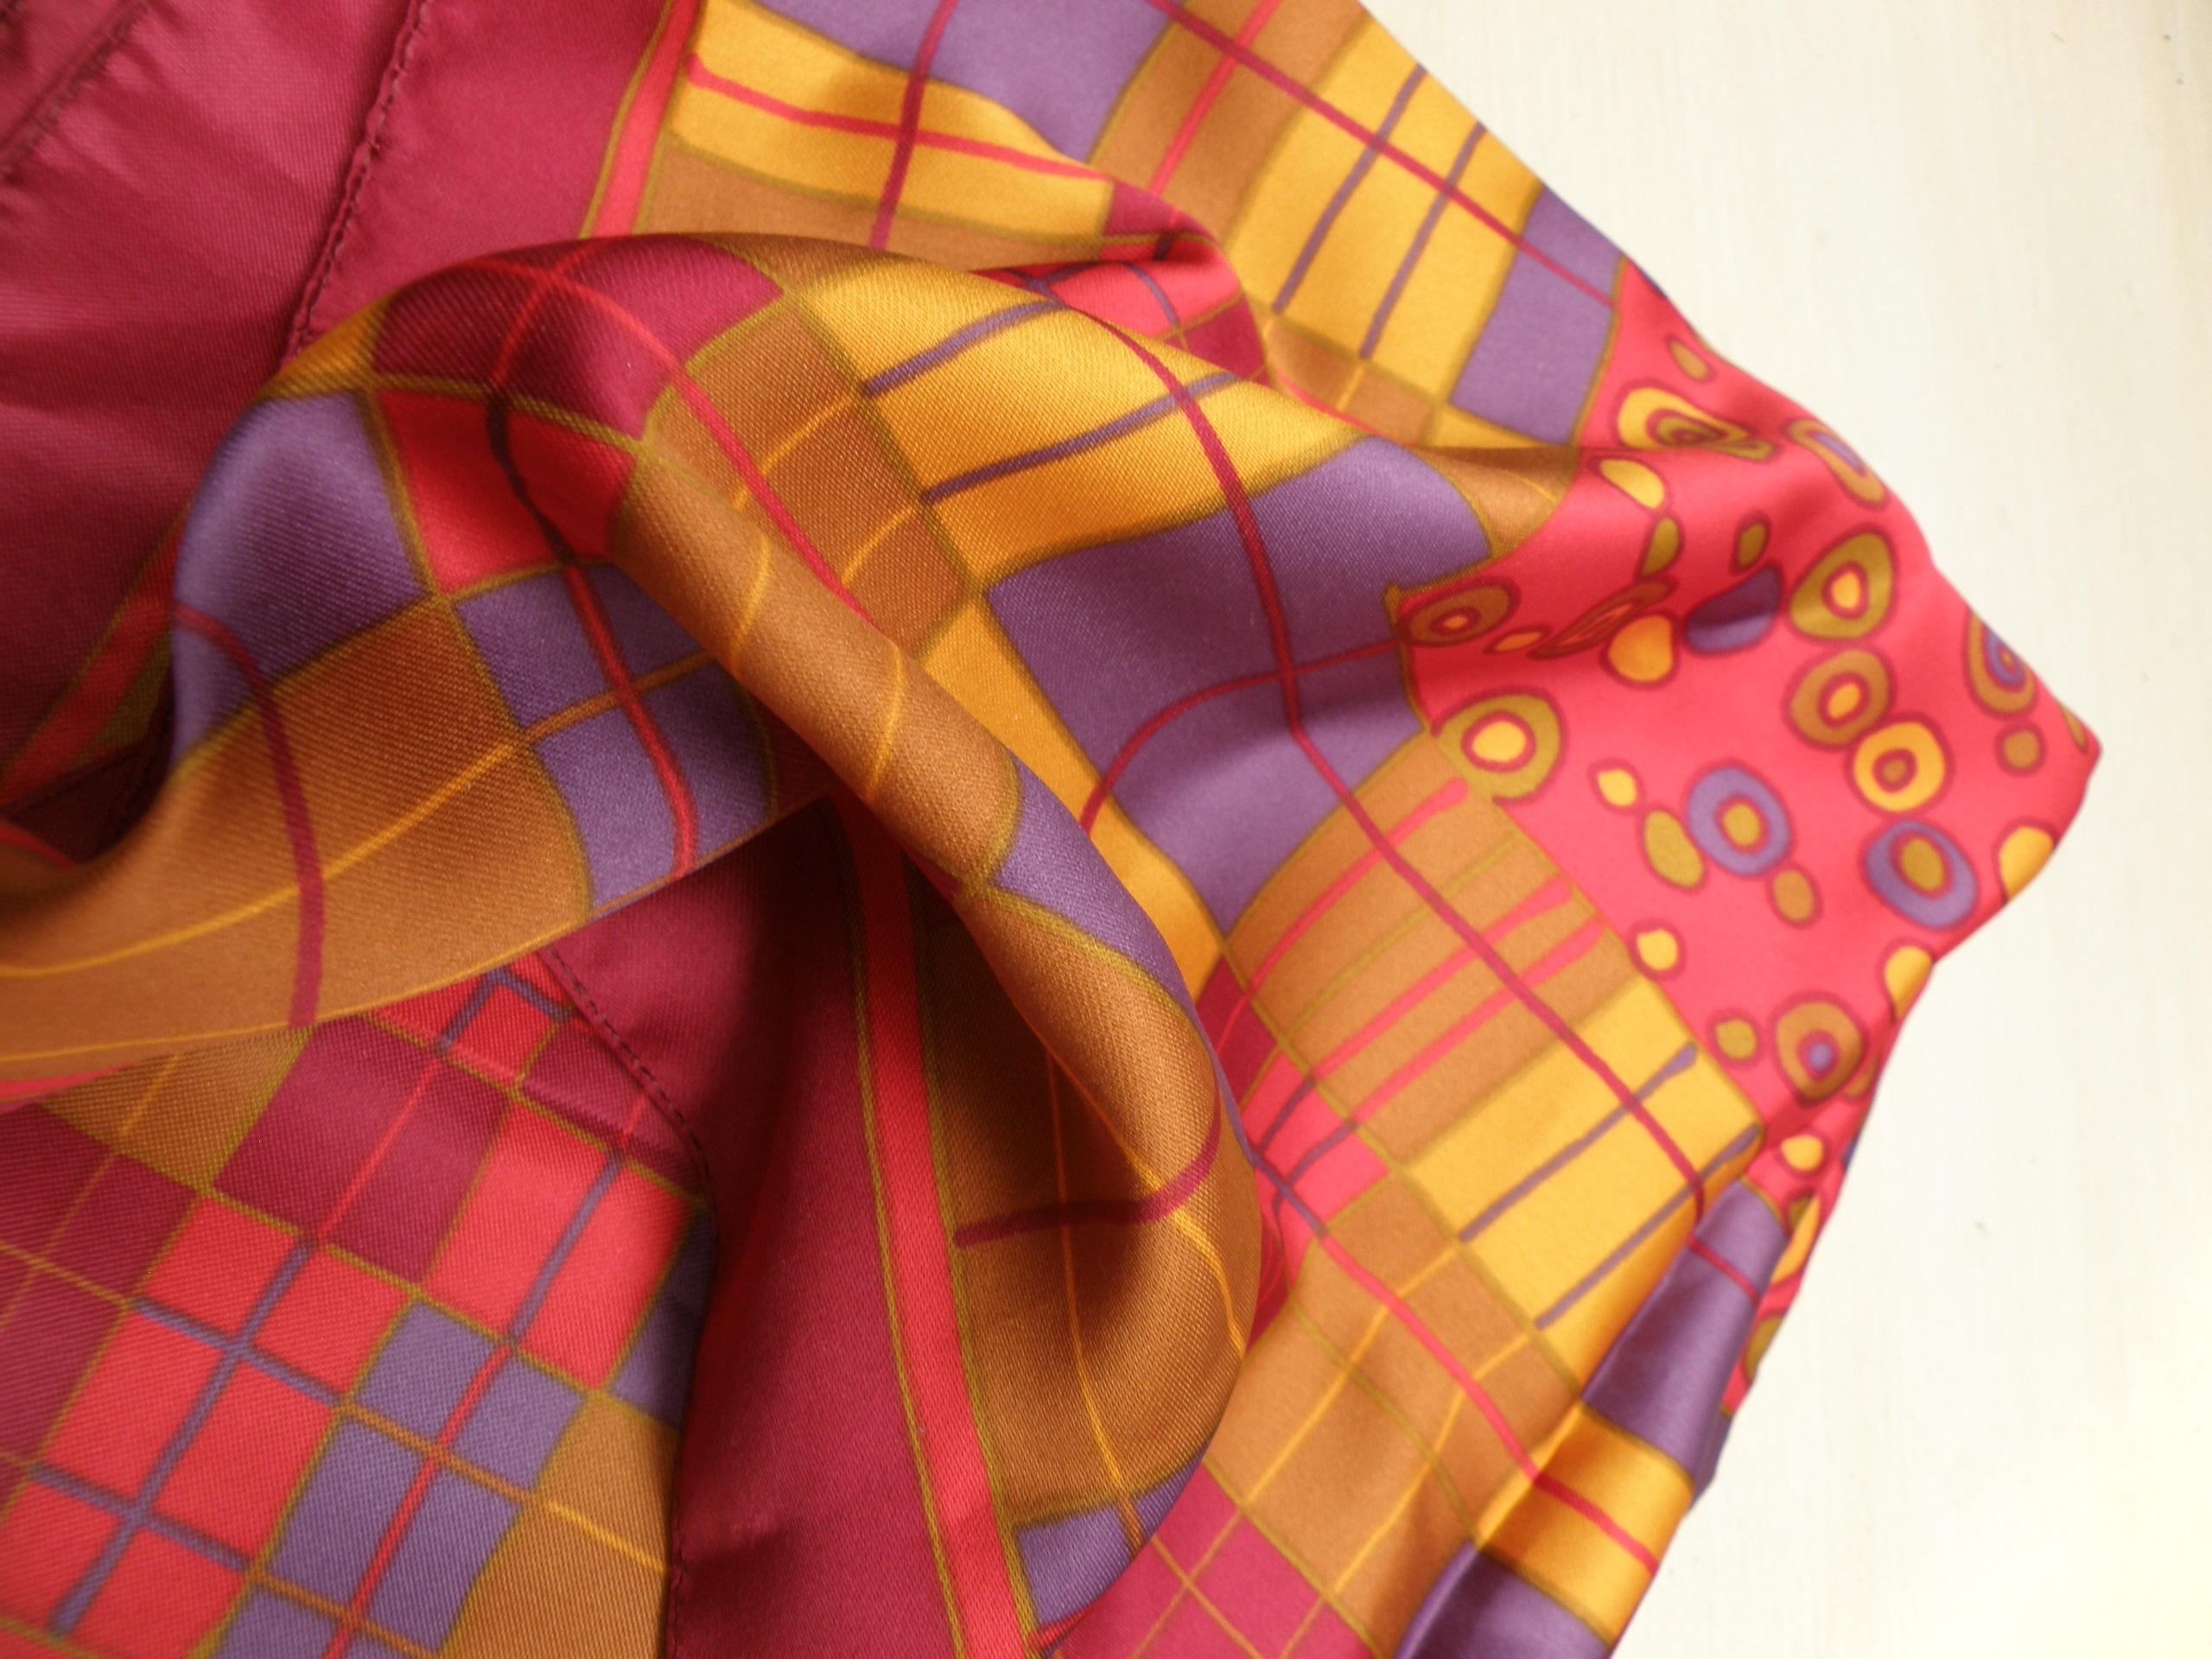 Fotos gratis : patrón, rojo, color, bufanda, material, impresión ...